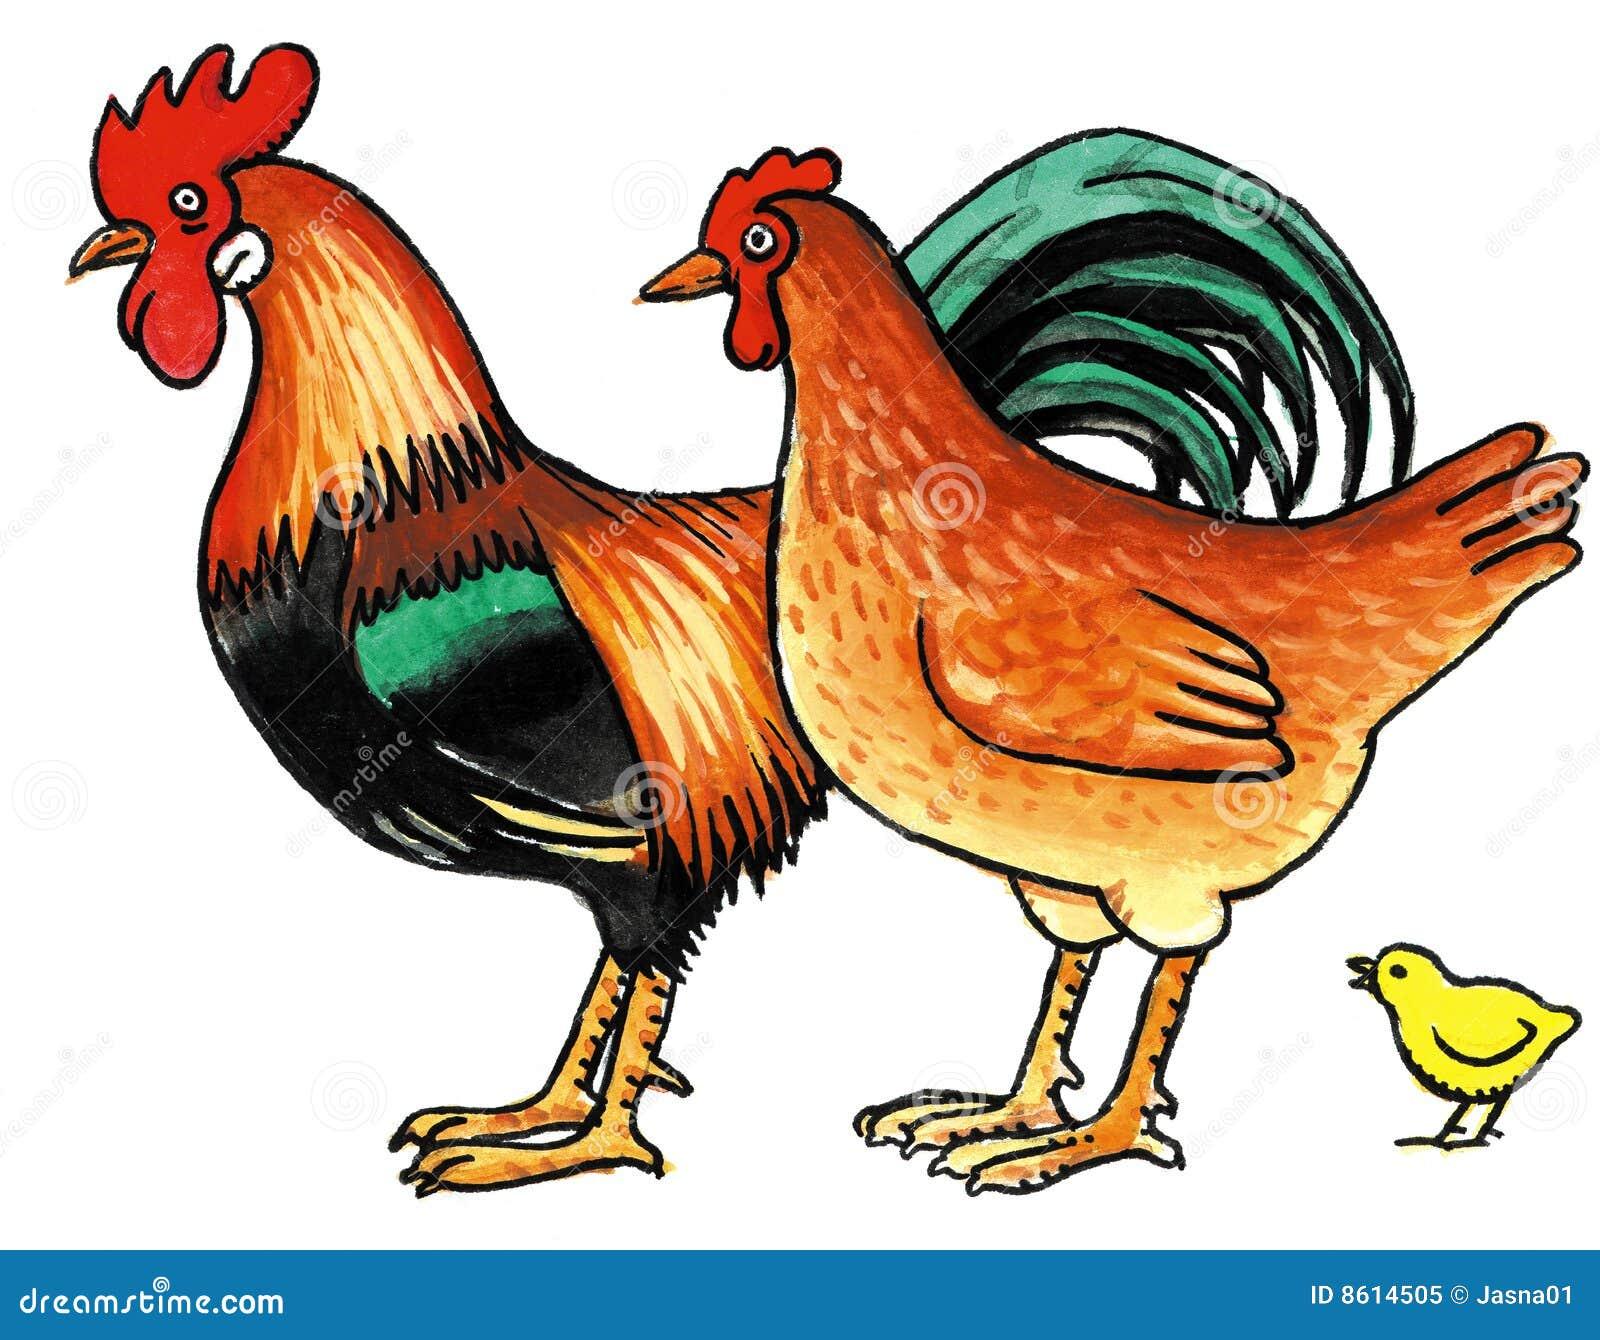 Картинки курица с цыплятами и петухом для детей, марта